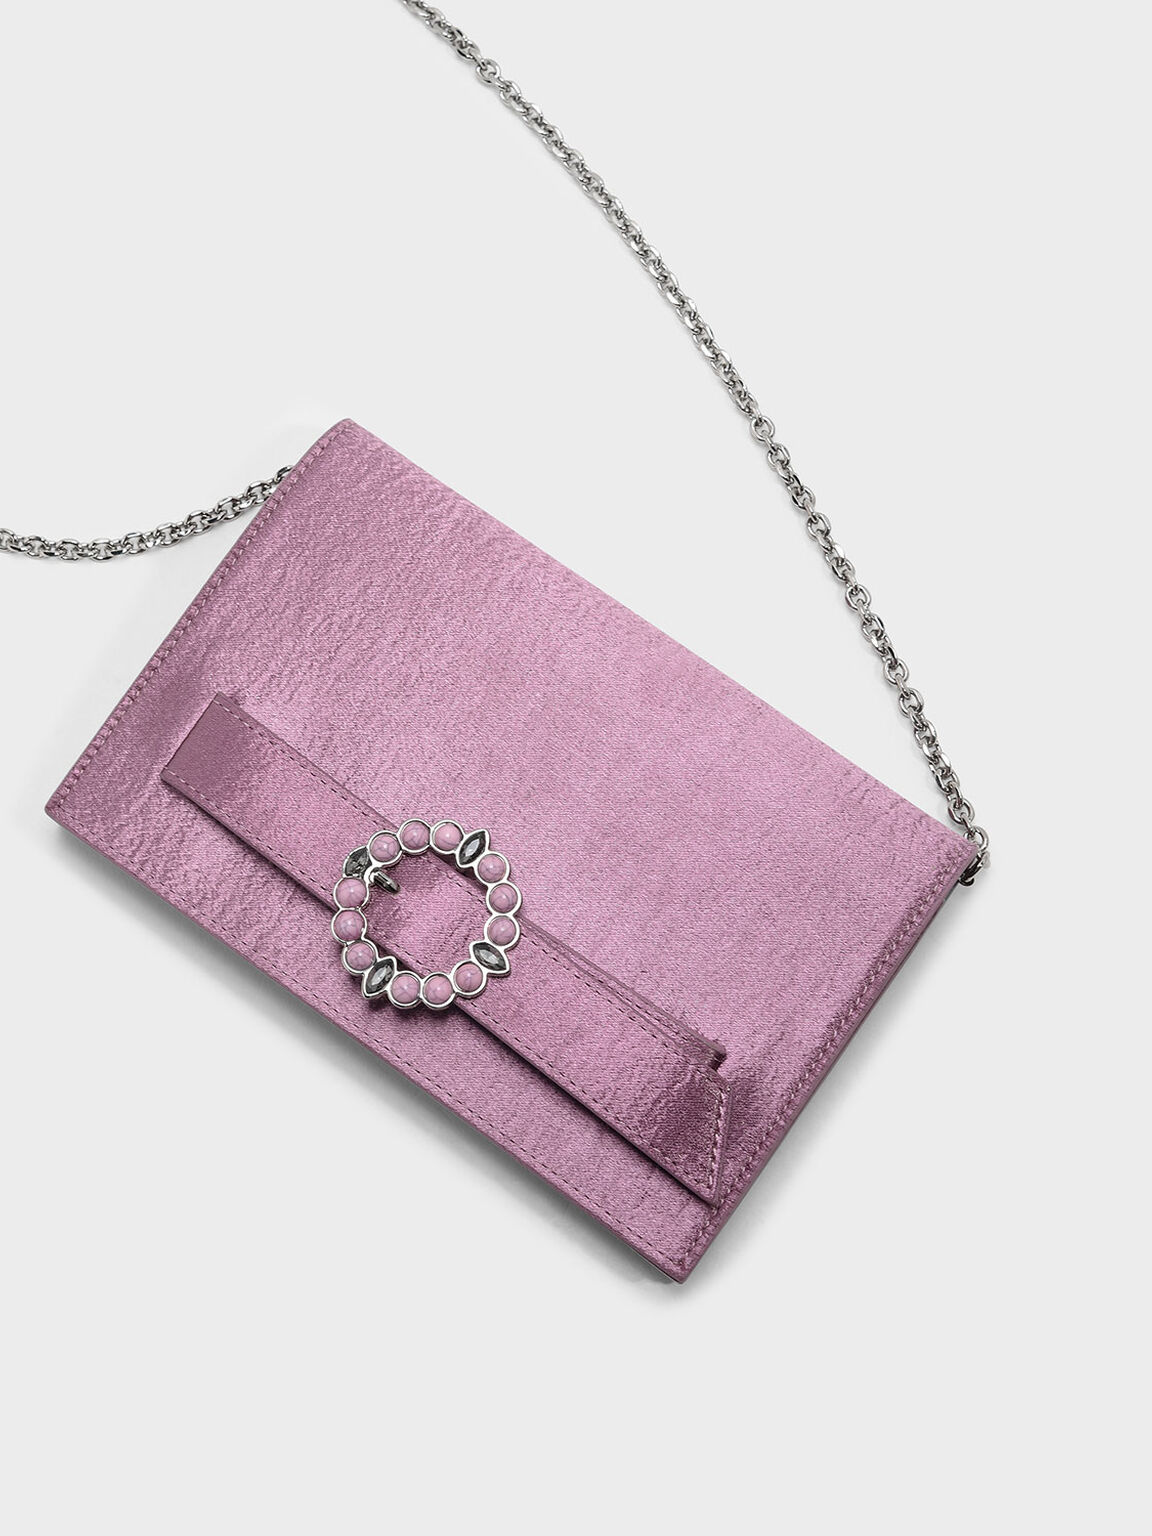 Embellished Buckle Satin Clutch, Pink, hi-res